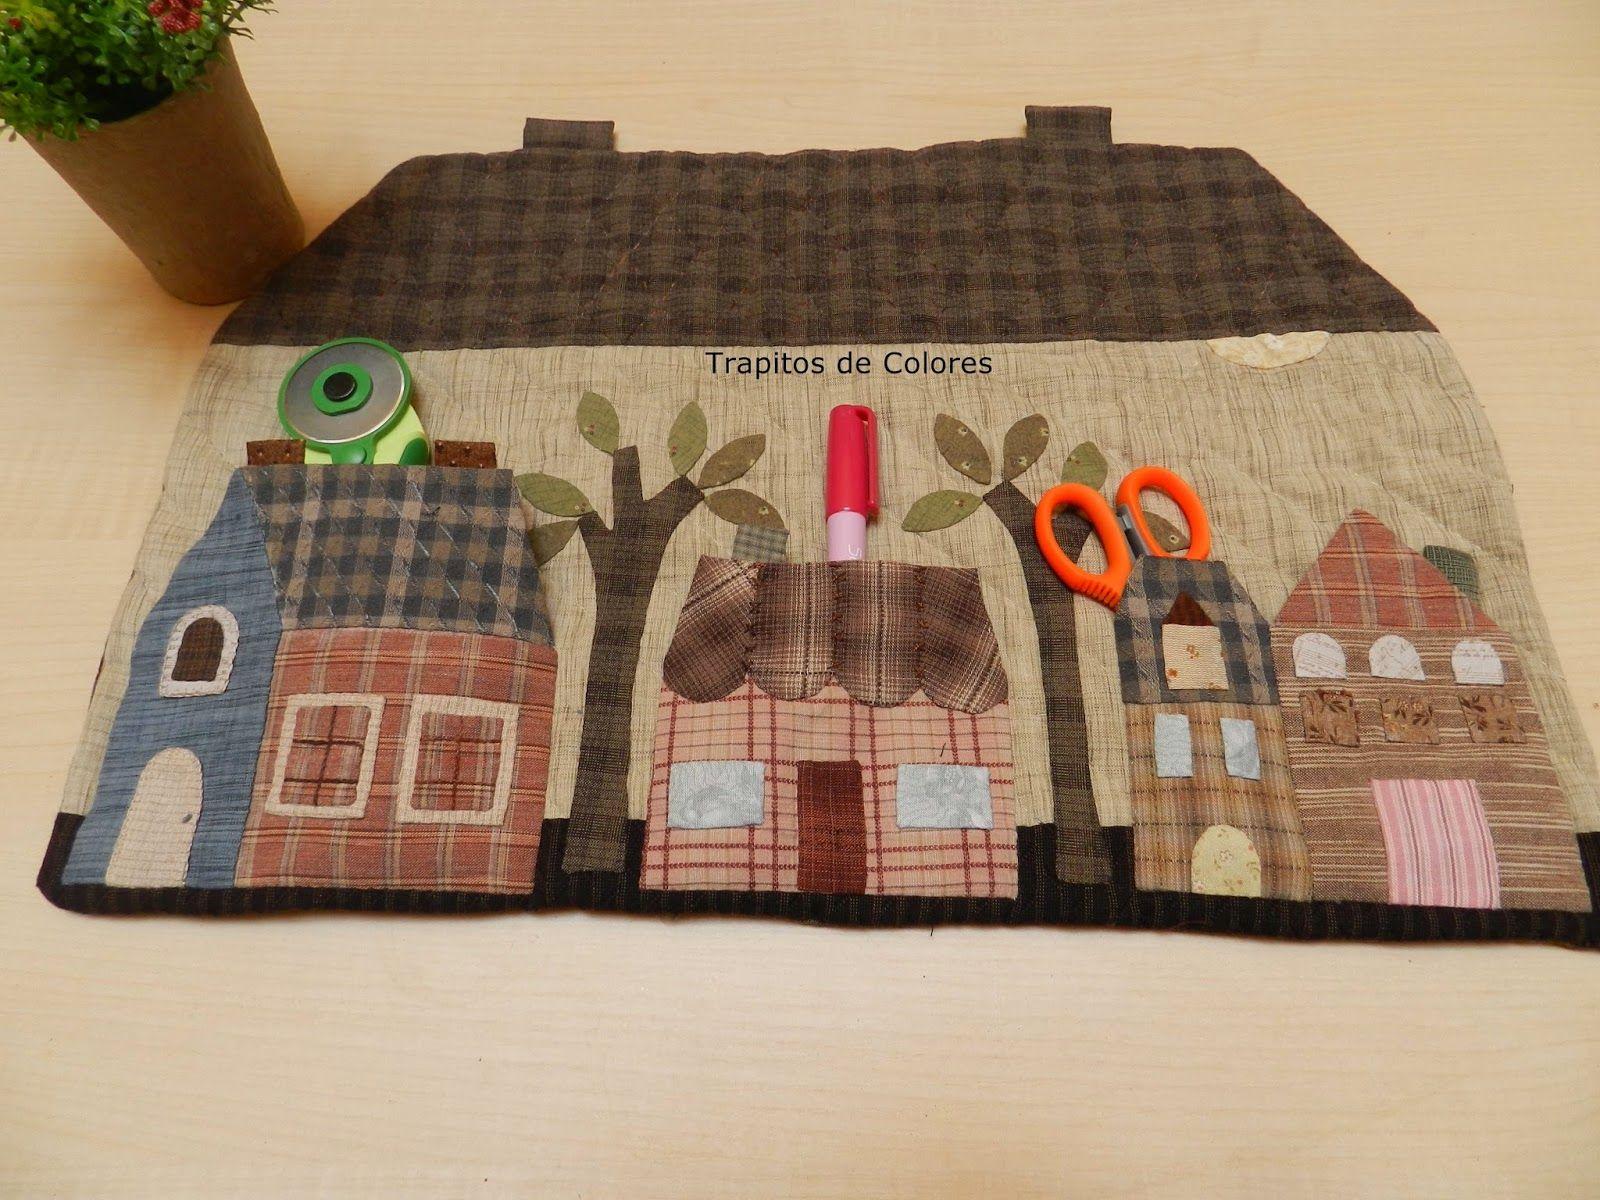 Trapitos de colores patchwork patchwork hogar - Manualidades patchwork bolsos ...